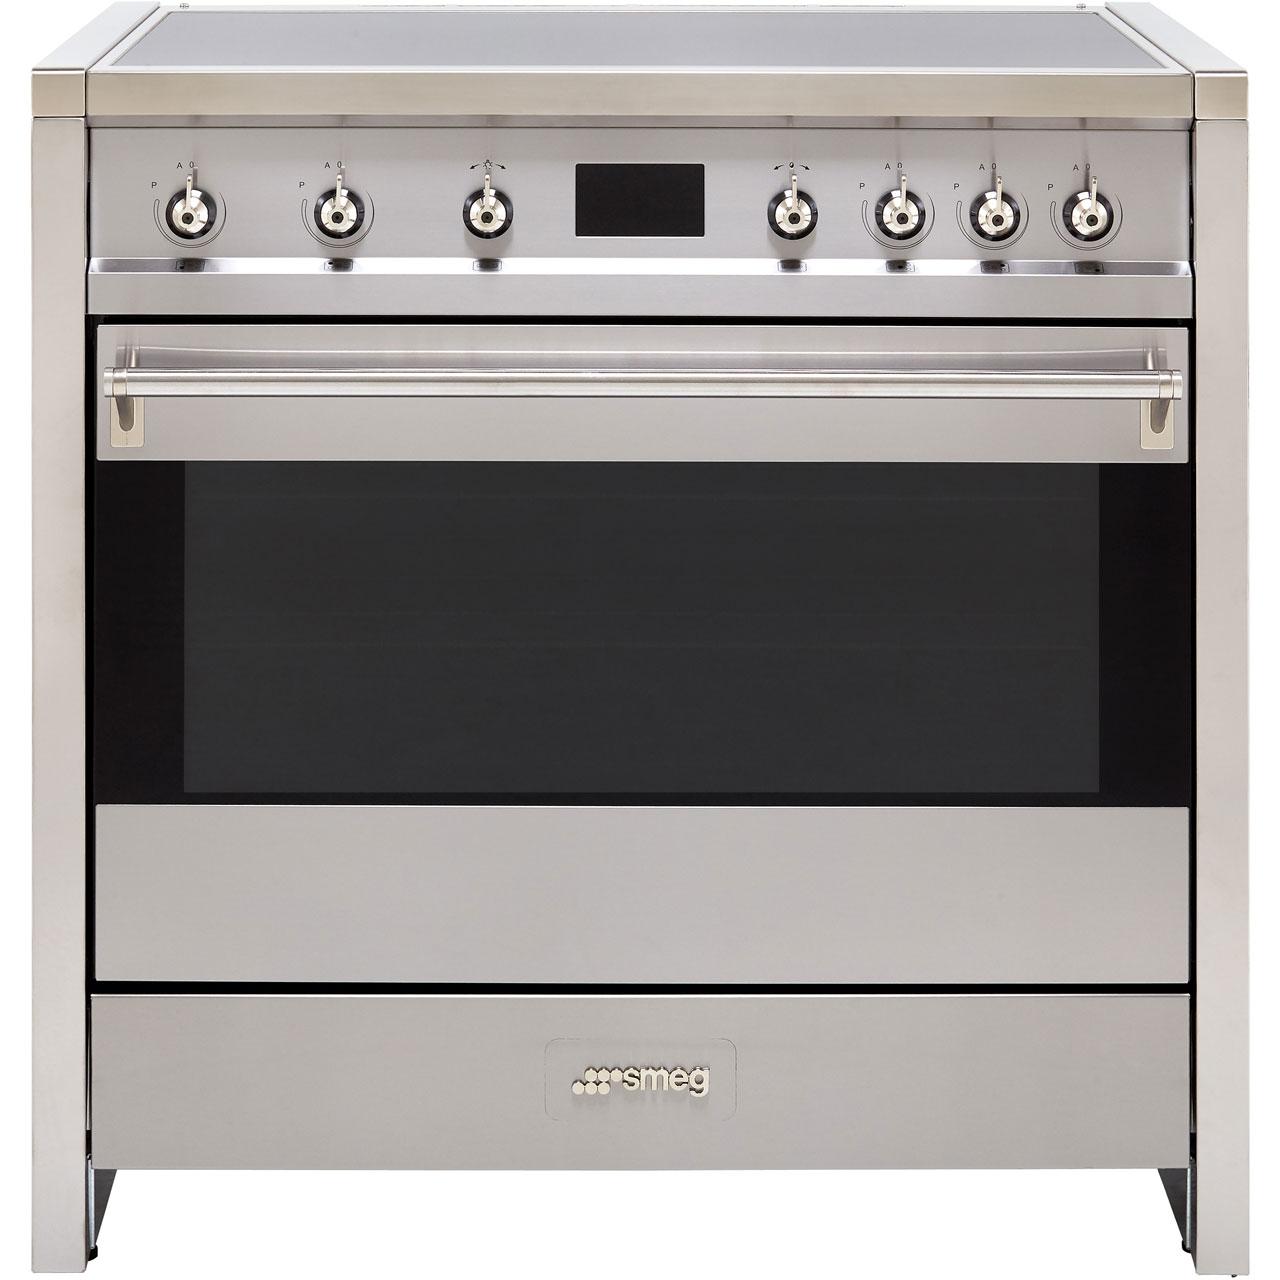 Smeg Range Cooker Main Oven Door Hinge